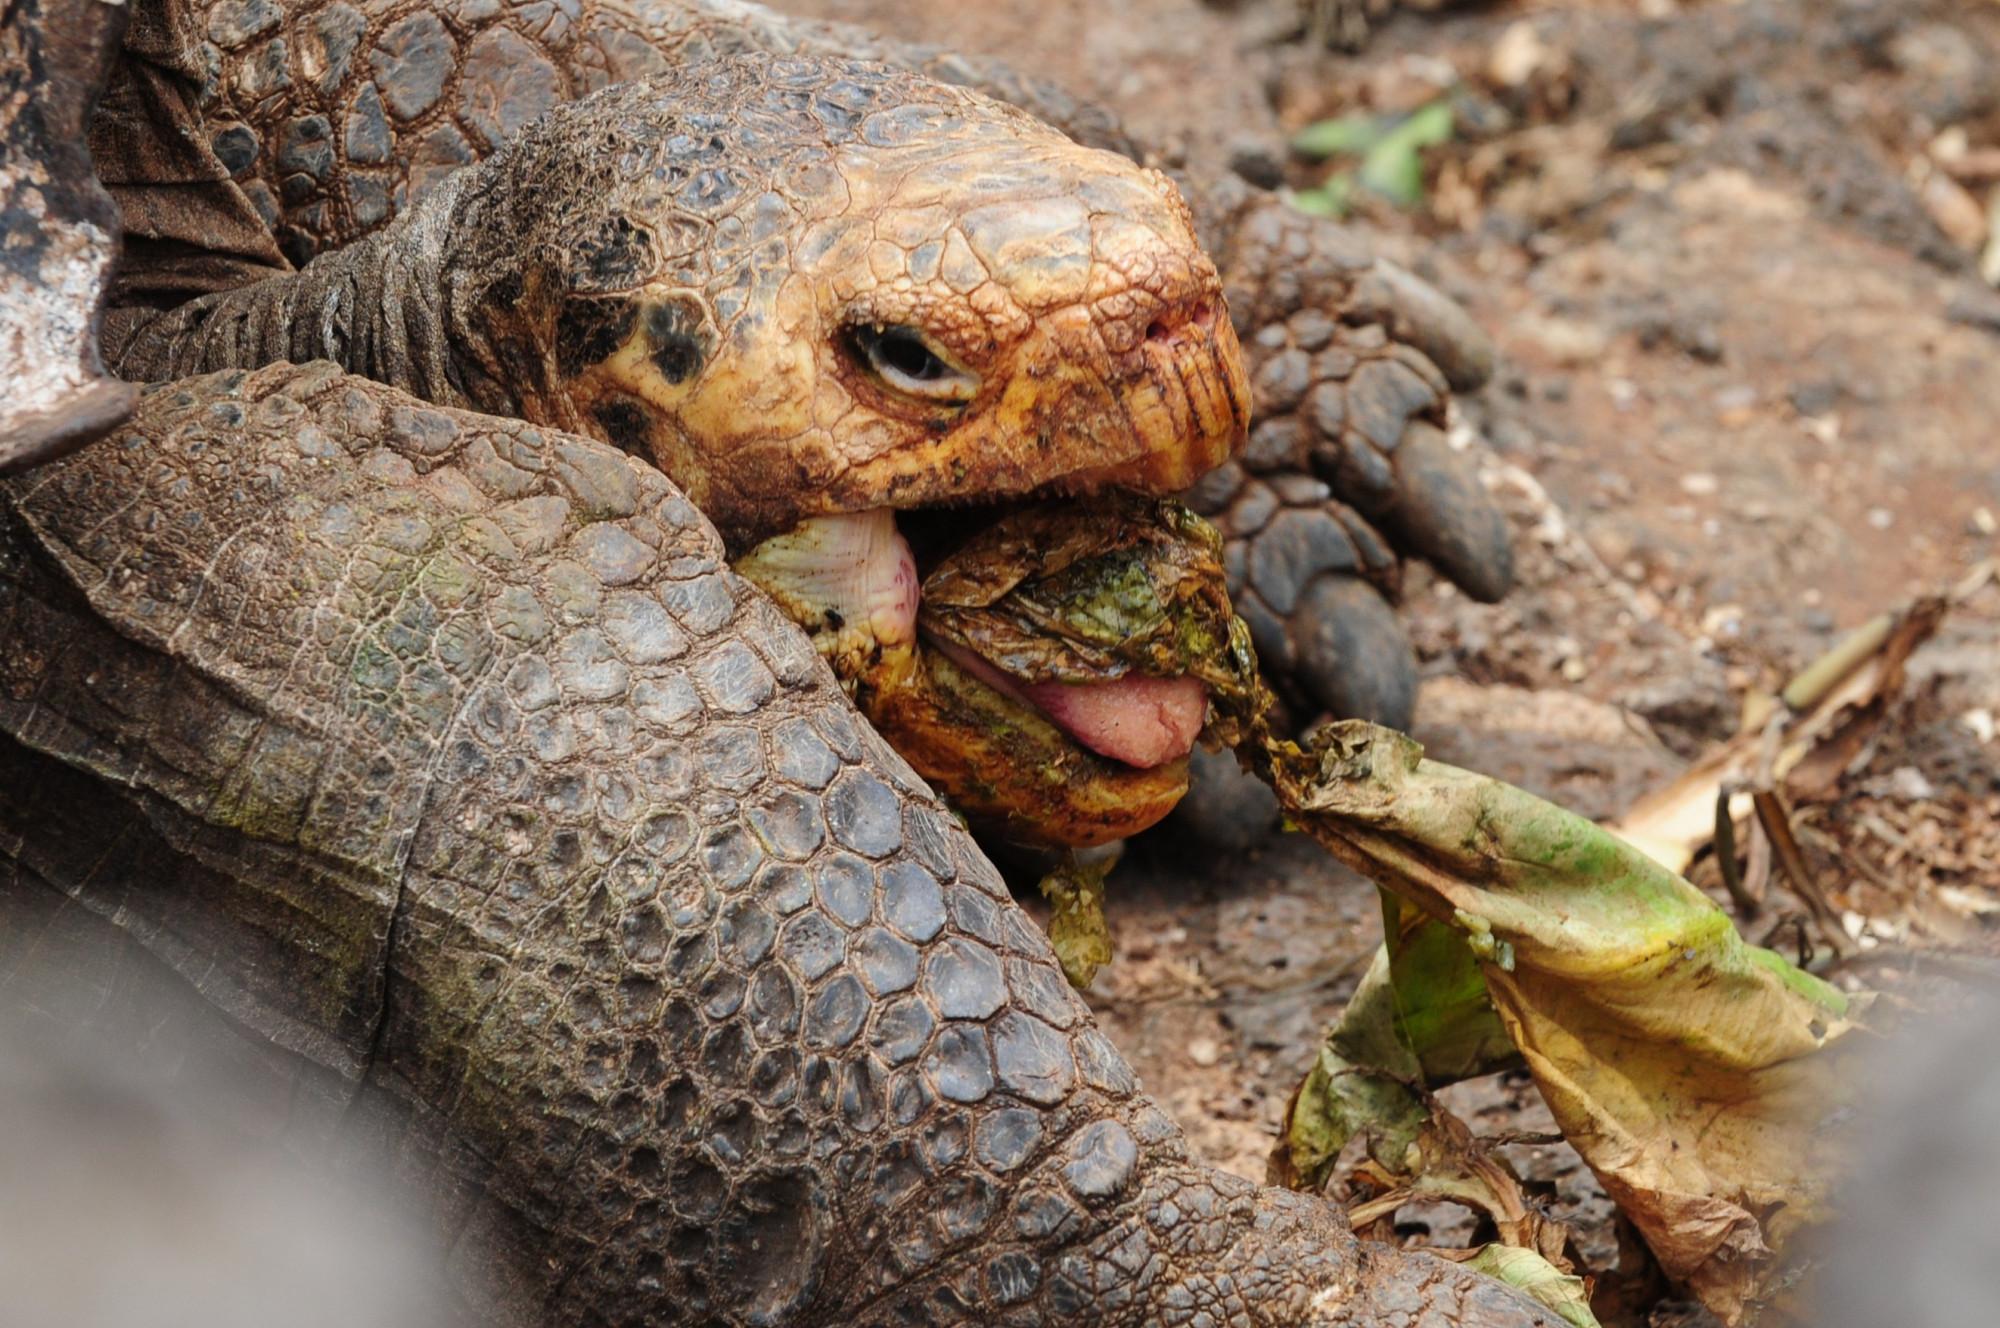 Tortuga de Galápagos de casi 130 años que salvó a su especie de la extinción, se jubila